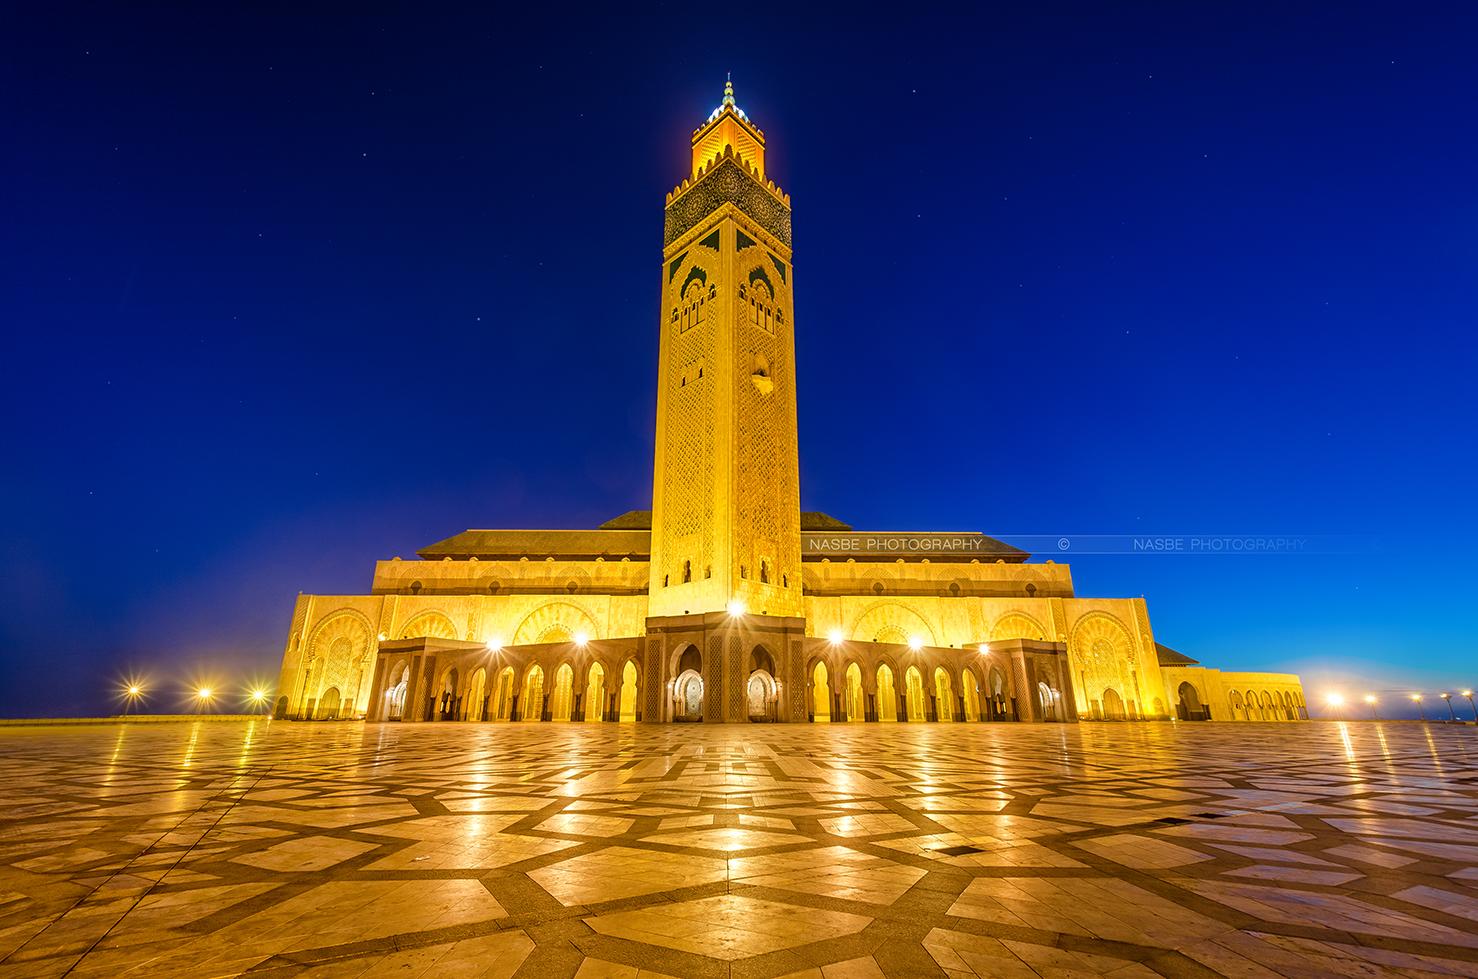 من أجل الأرض.. مسجد الحسن الثاني يطفئ أضواءه رمزيا